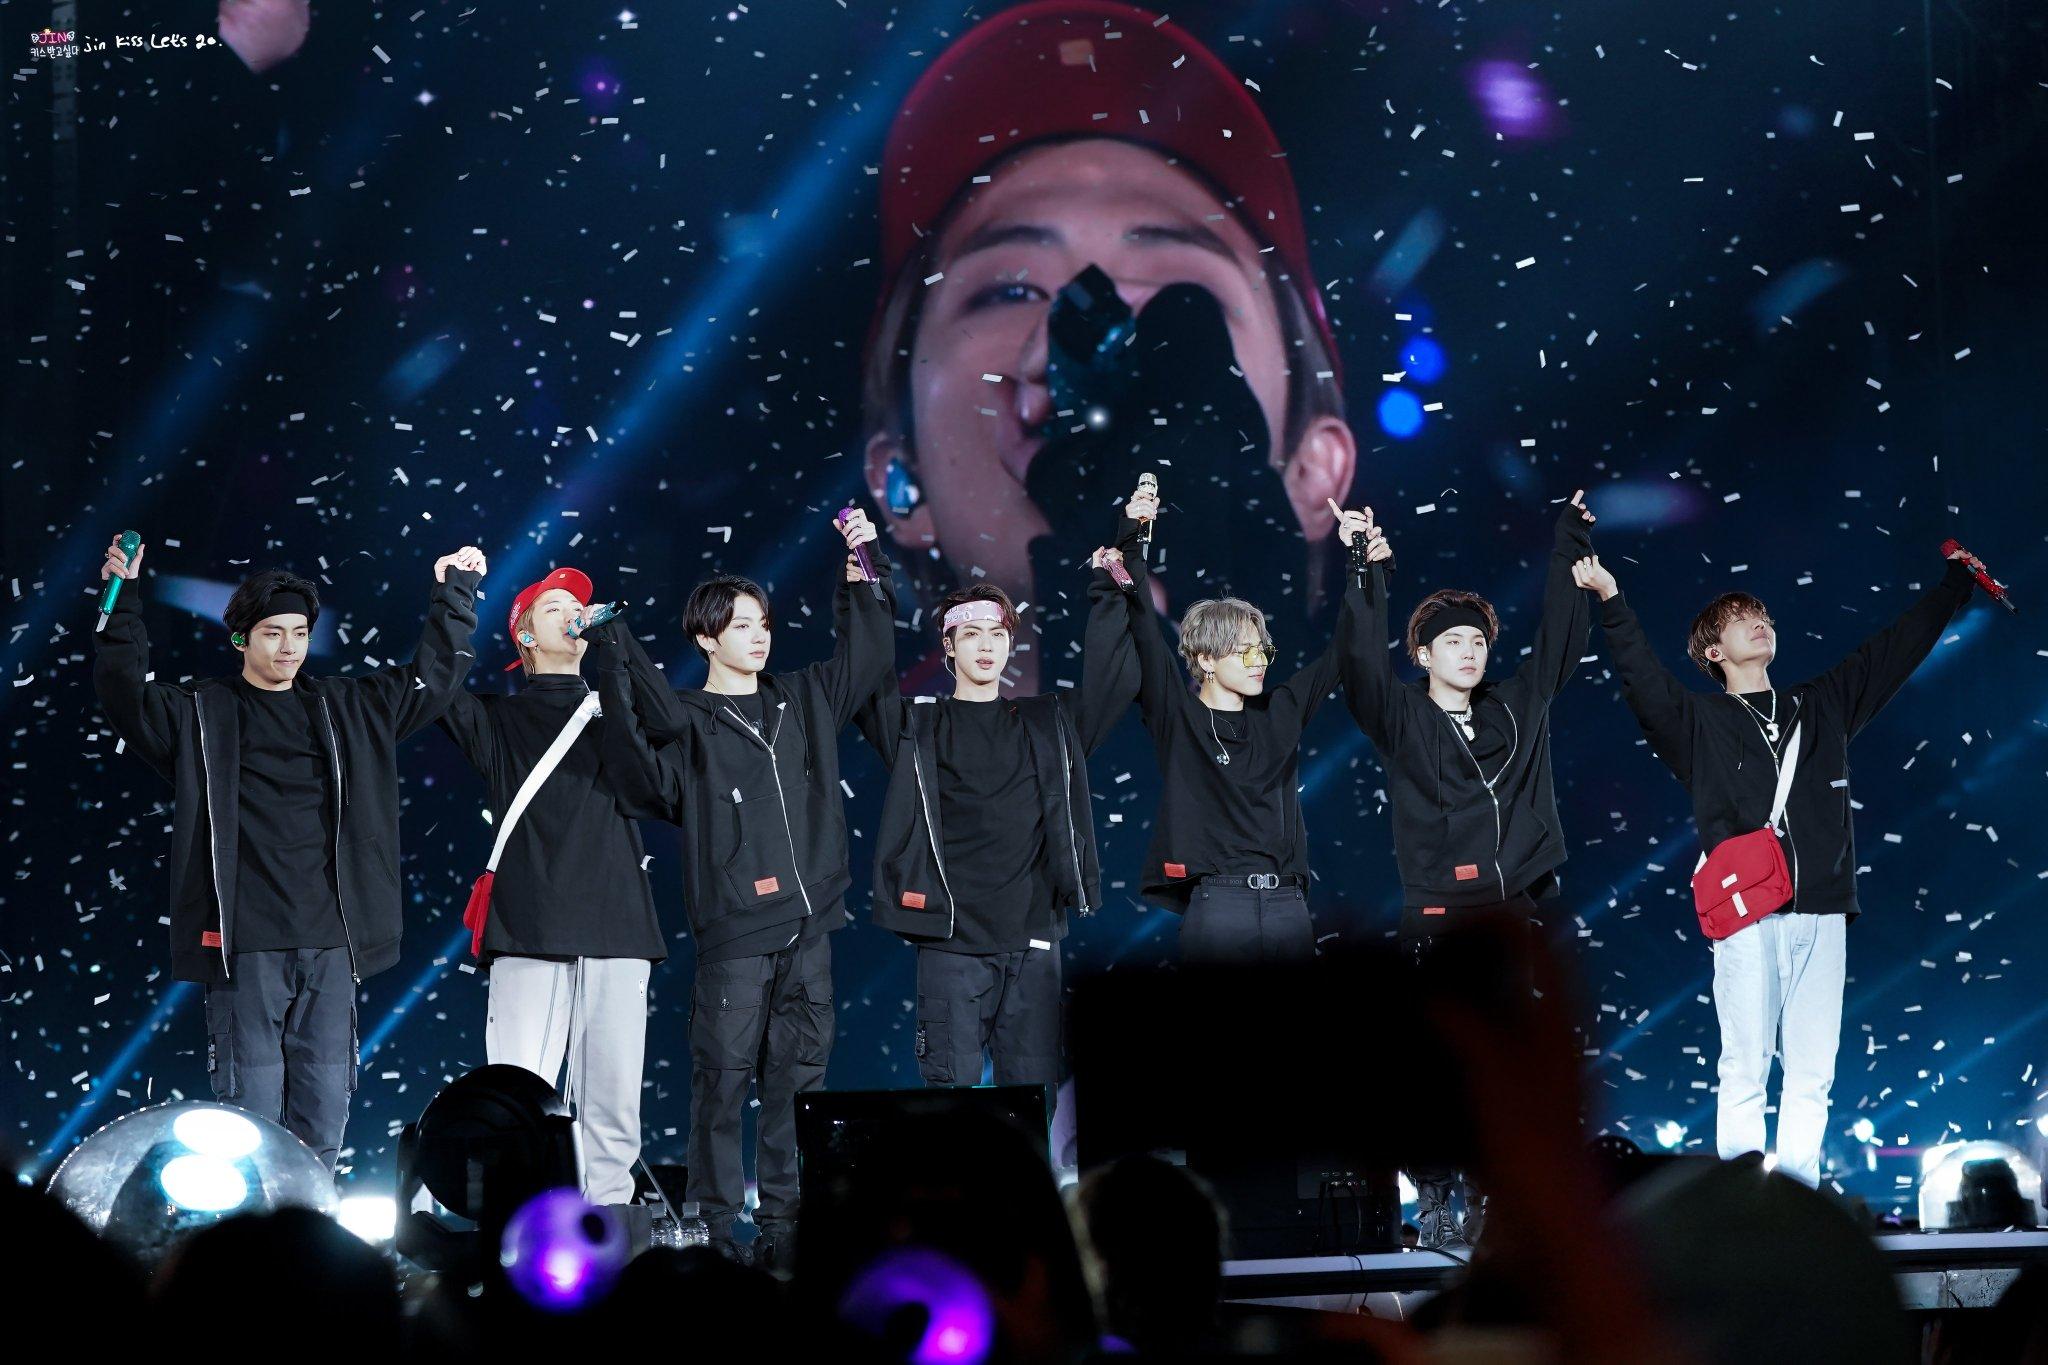 BTS en concierto/ Fuente: Twitter: @btspiics1